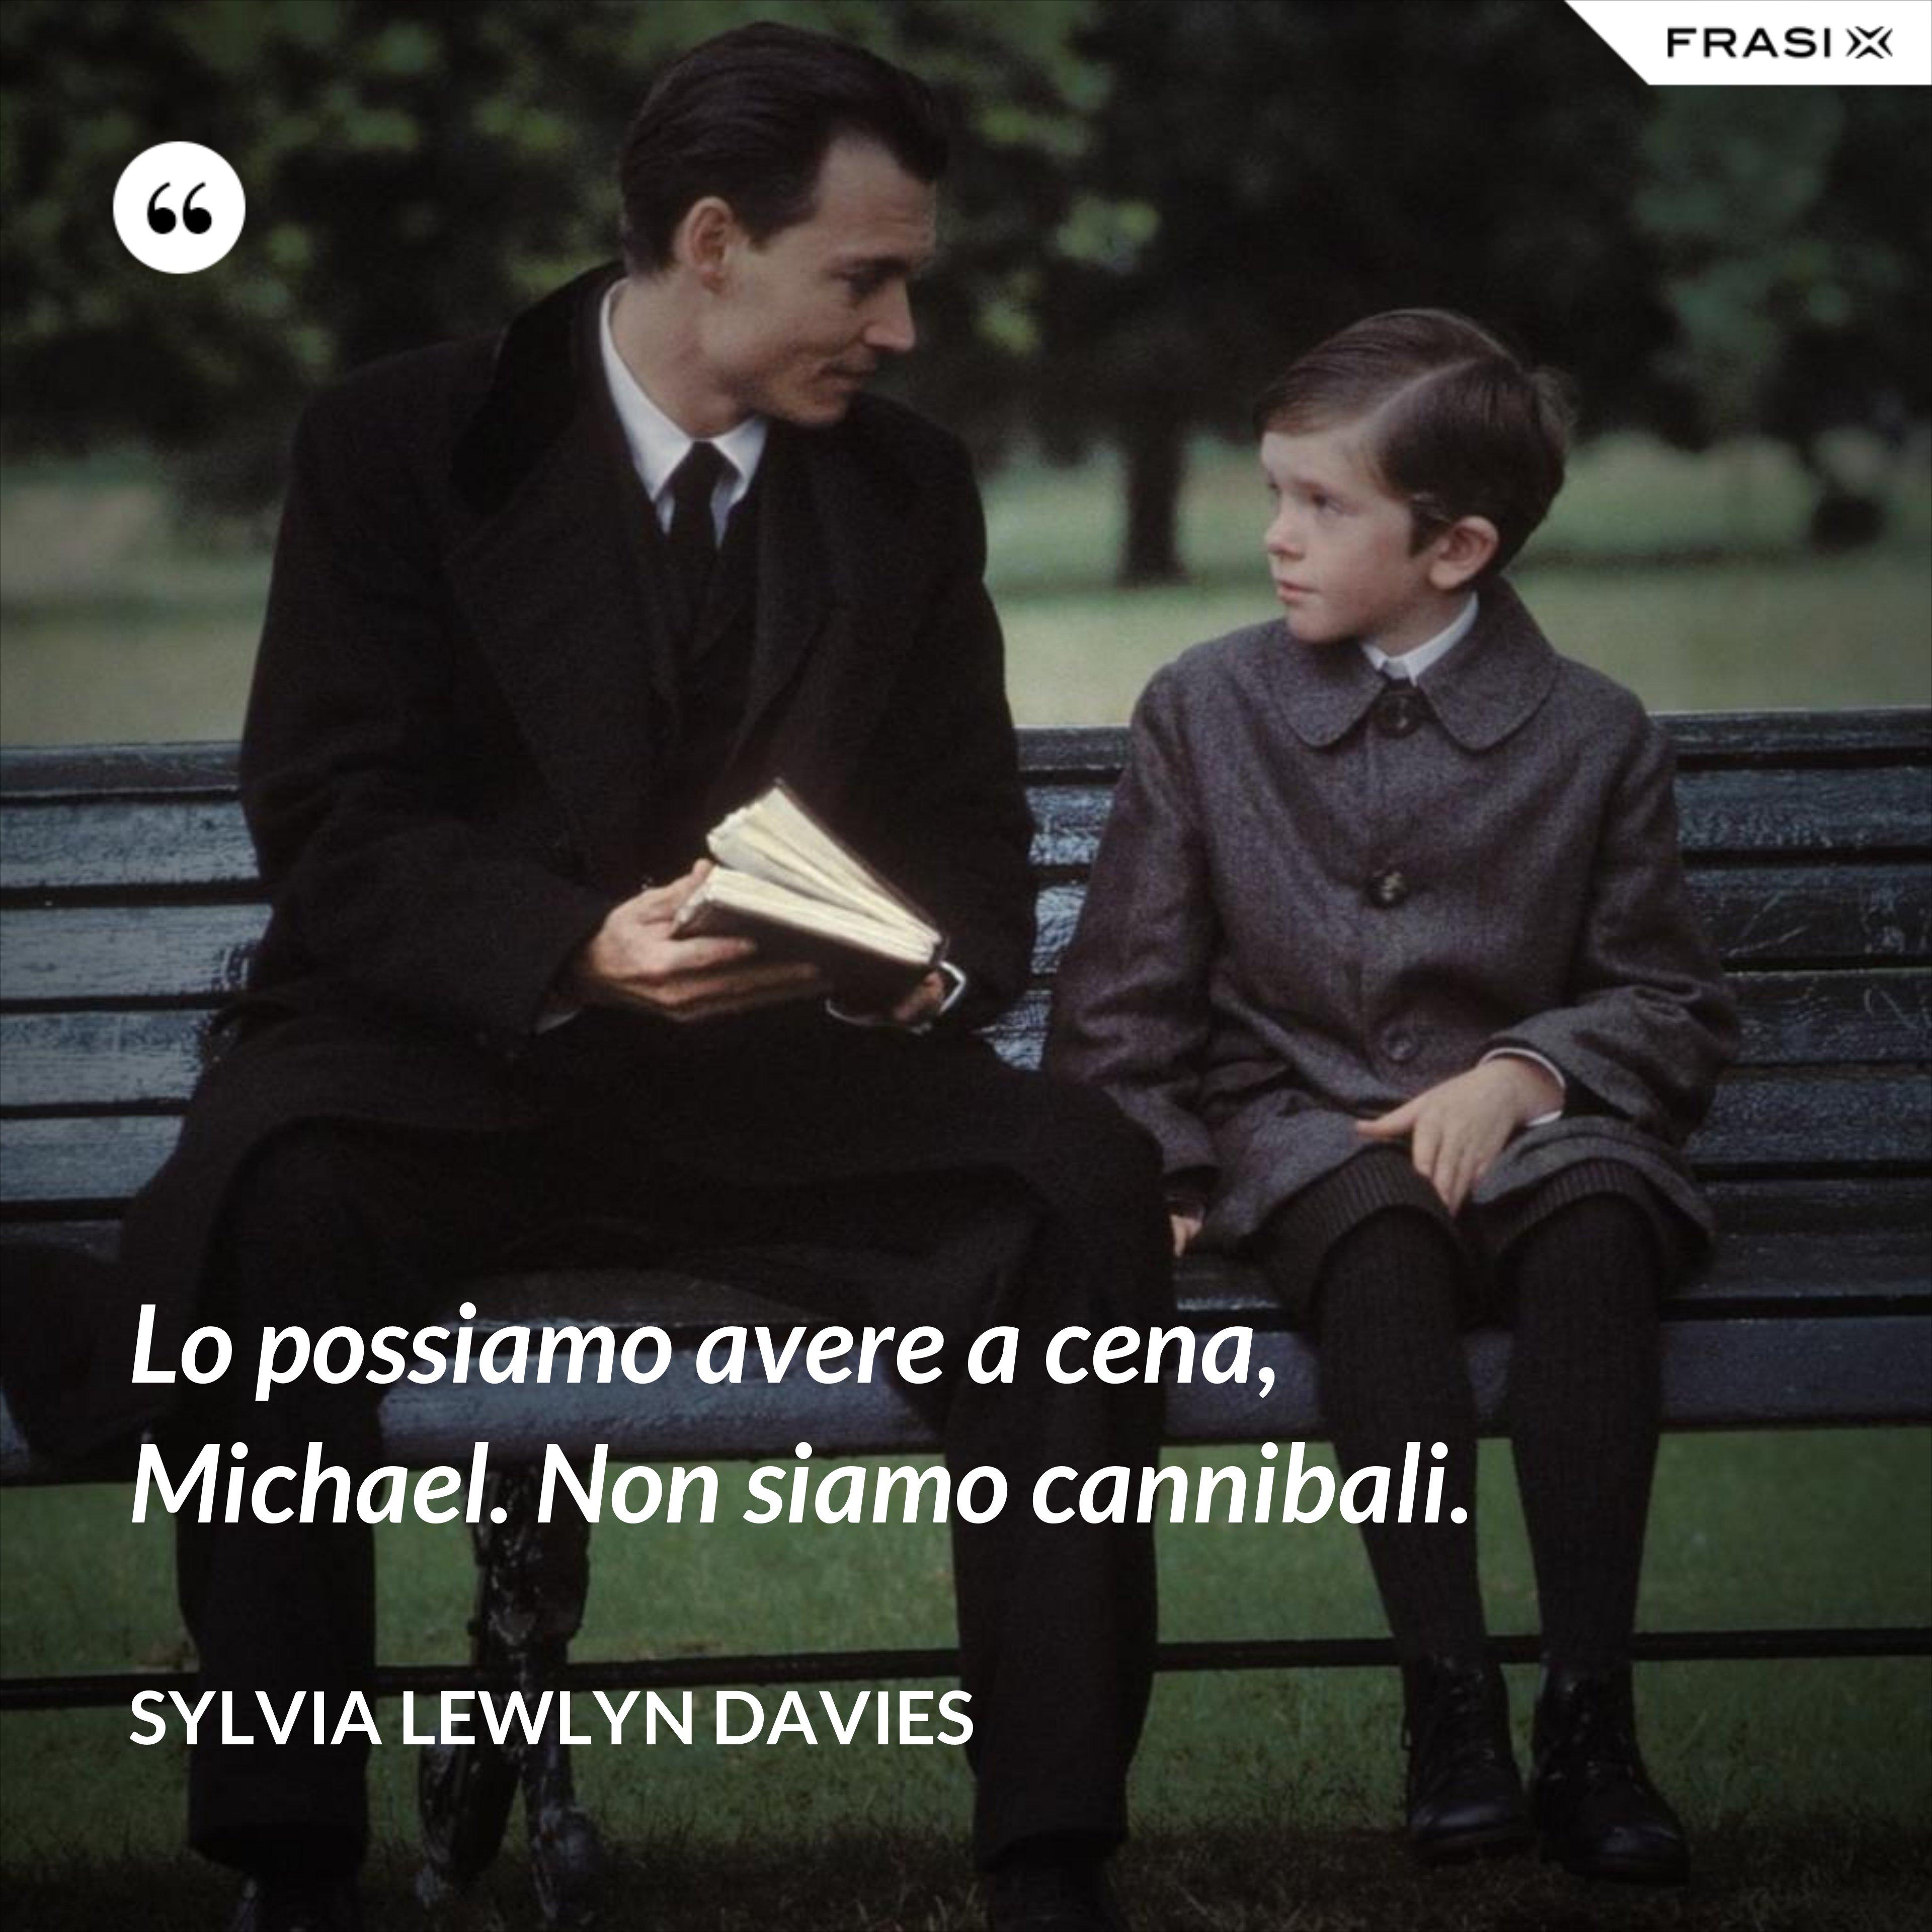 Lo possiamo avere a cena, Michael. Non siamo cannibali. - Sylvia Lewlyn Davies